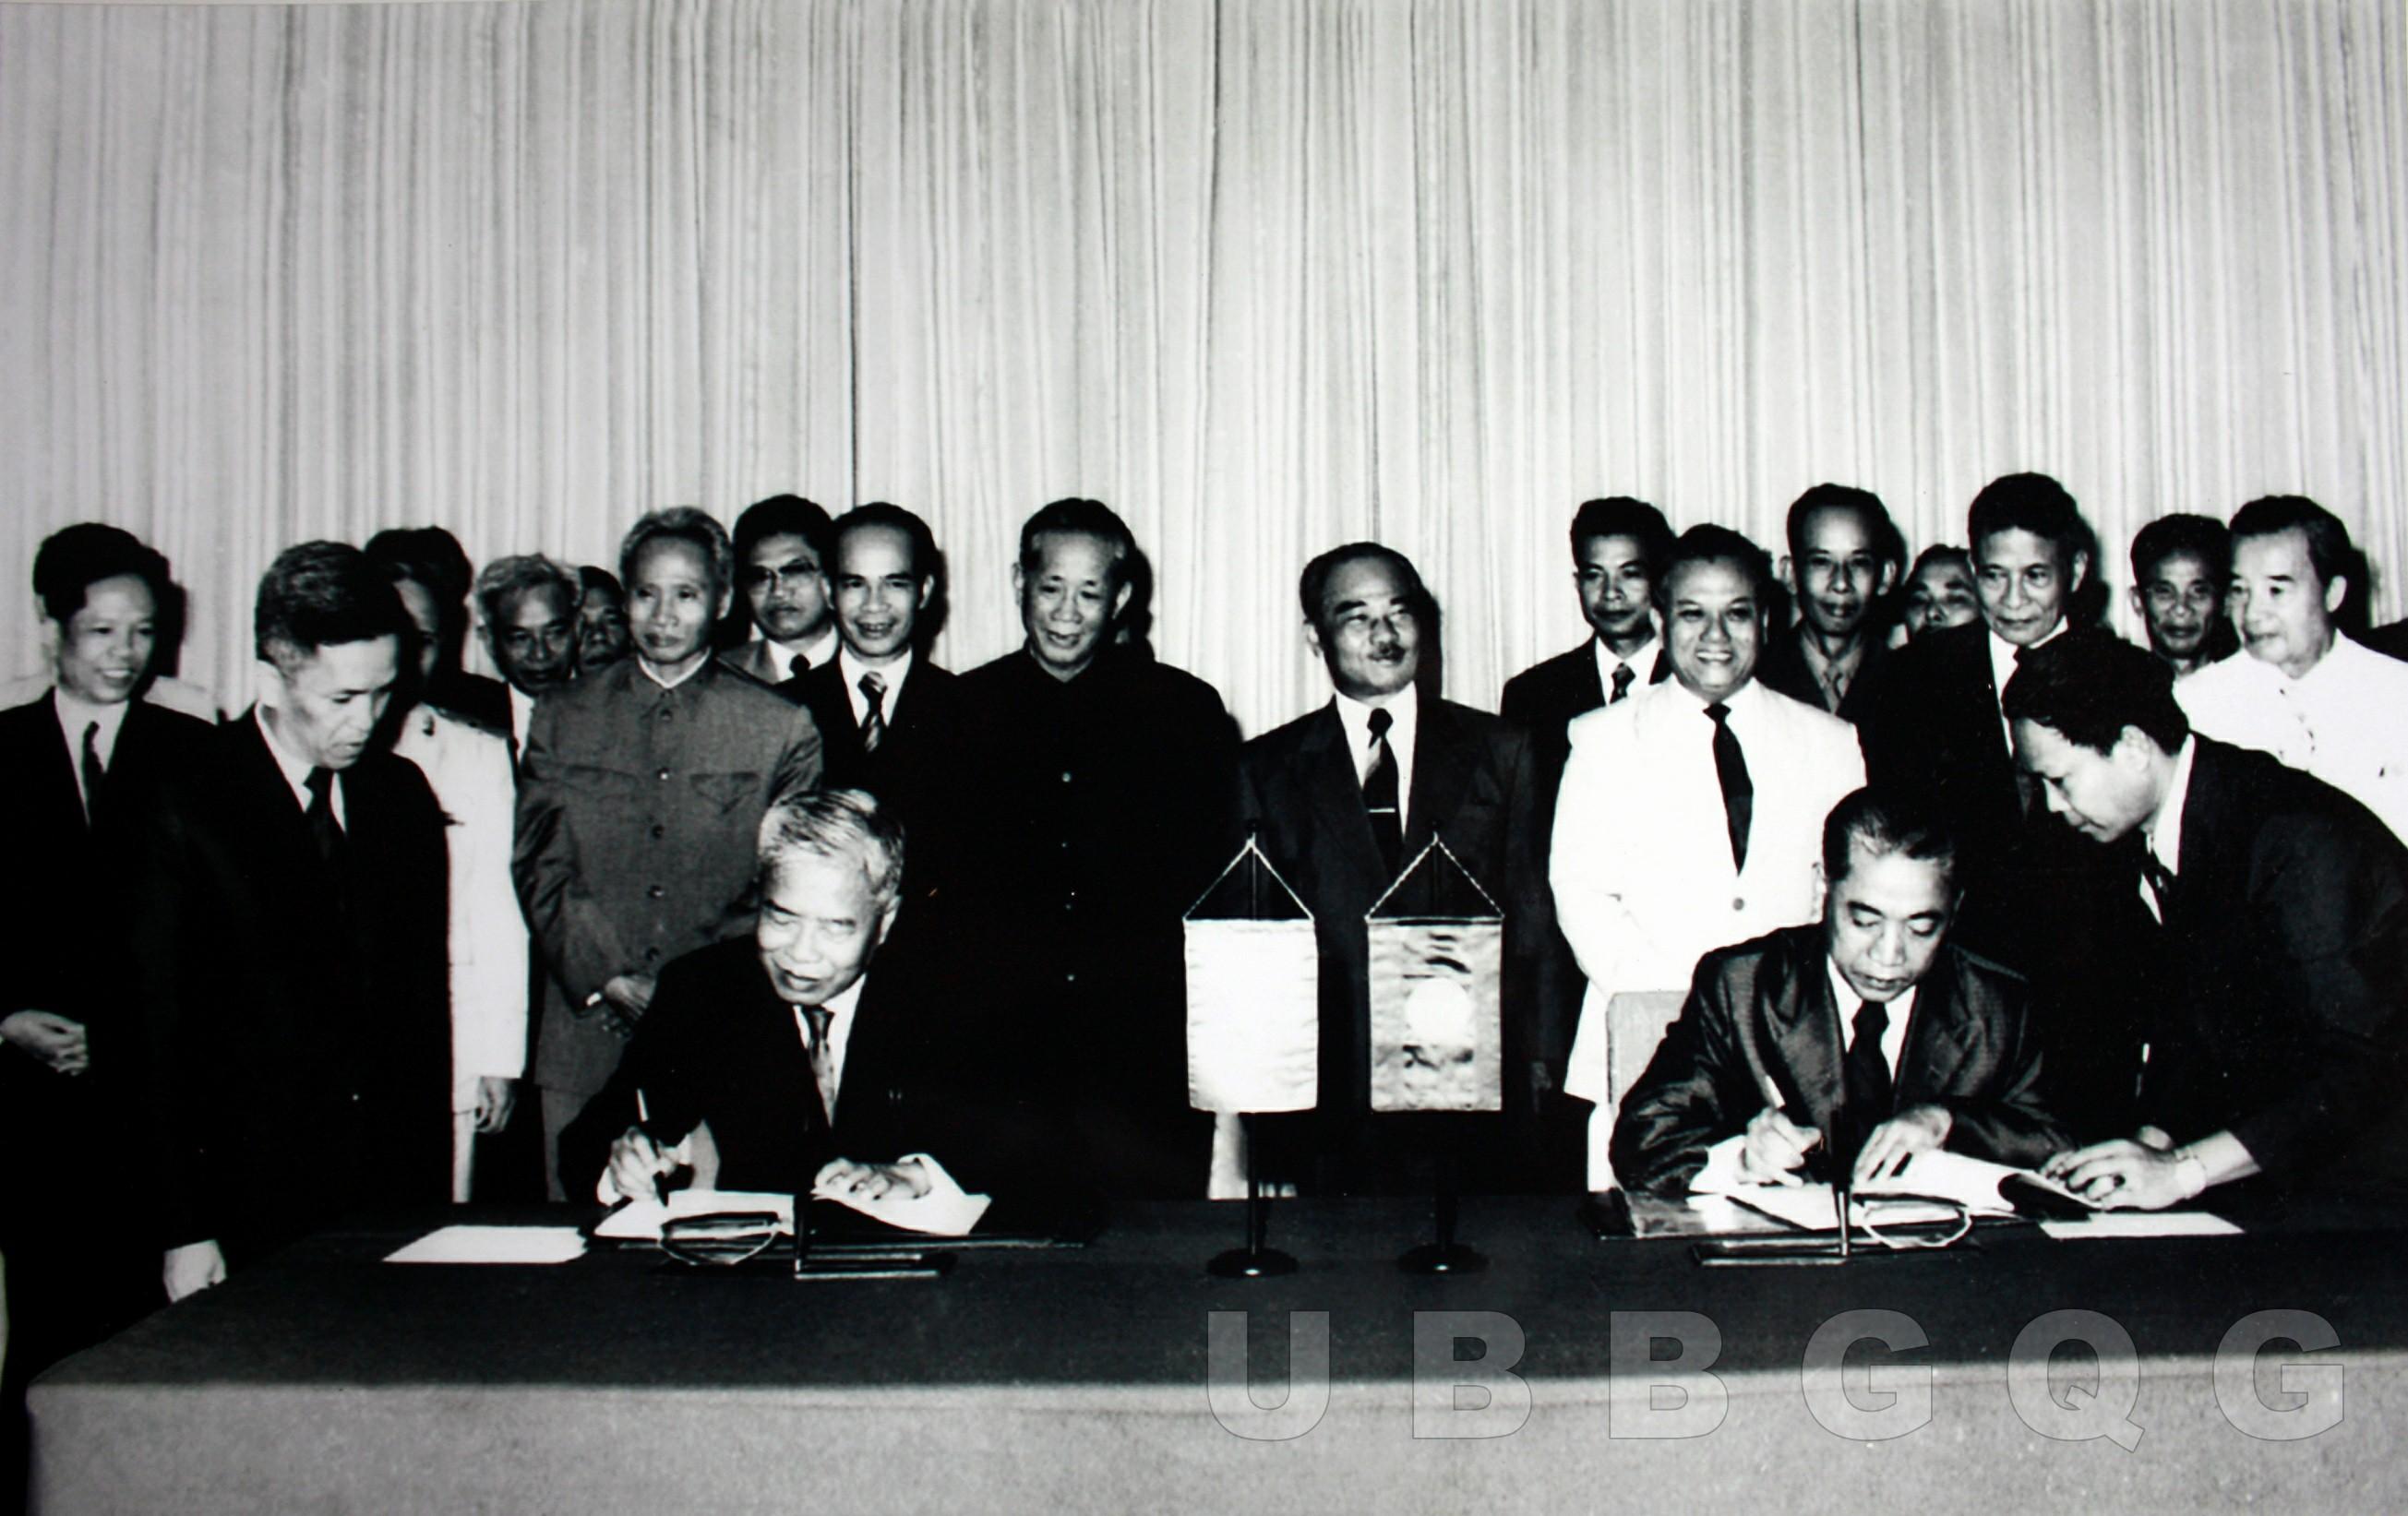 Tổng bí thư Đảng Cộng sản Việt Nam Lê Duẩn và Chủ tịch nước CHDCND Lào Xu Pha Nu Vông chứng kiến Lễ ký Hiệp ước Hoạch định biên giới quốc gia giữa nước CHXHCN Việt Nam và nước CHDCND Lào, ngày 18/7/1977.